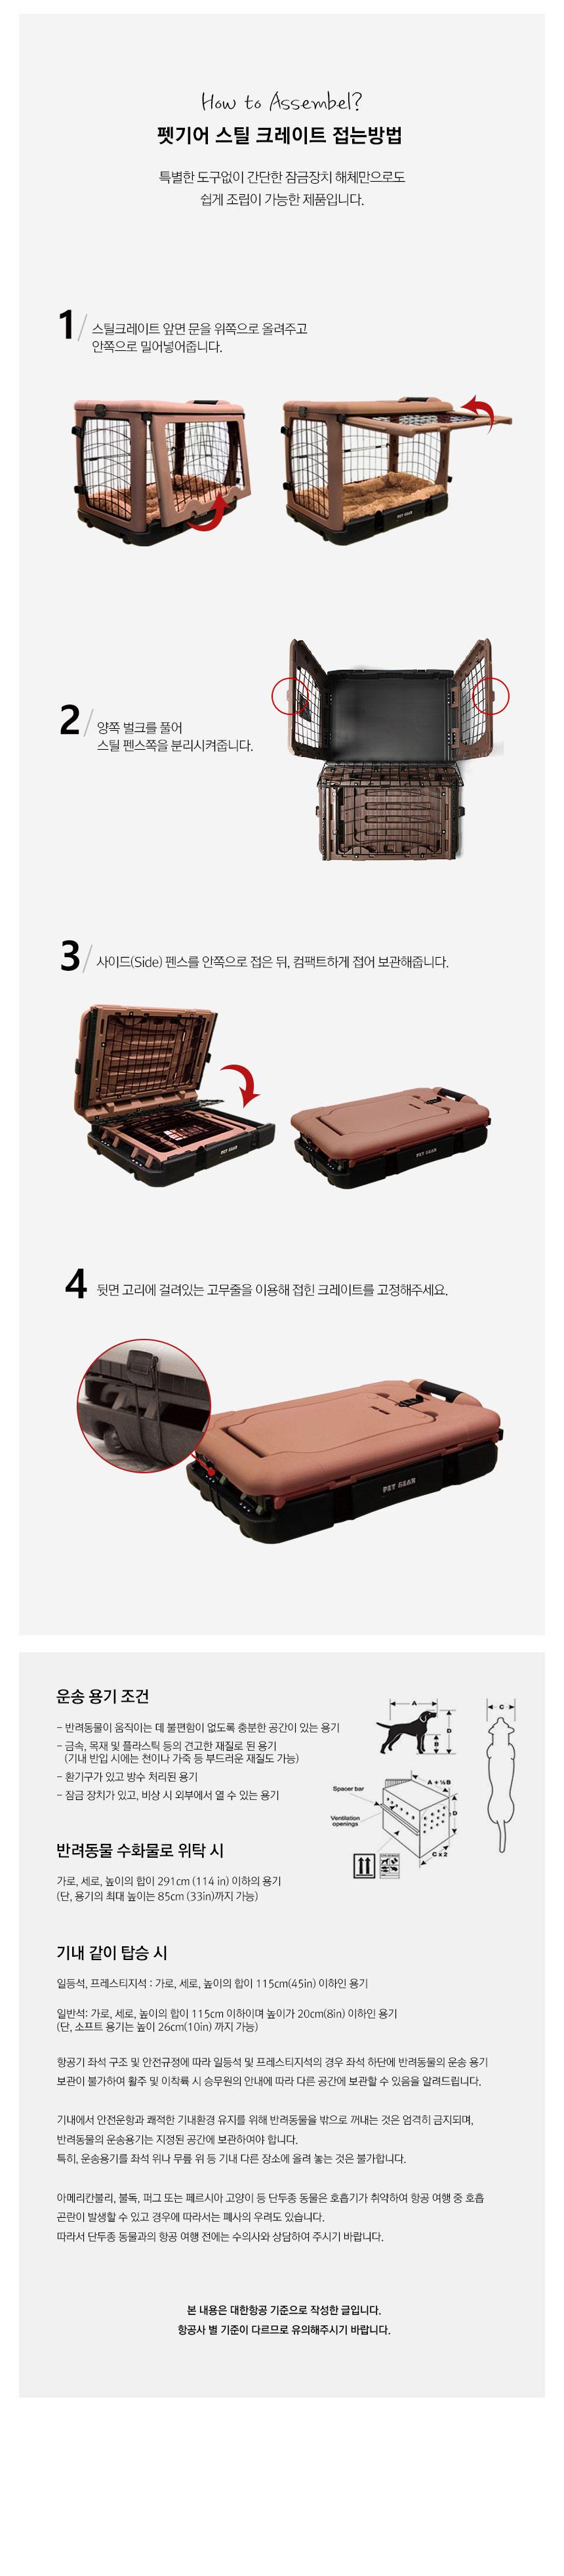 스틸 크레이트 캔넬 하우스 (초코) - 펫기어, 400,000원, 이동장/리드줄/야외용품, 이동가방